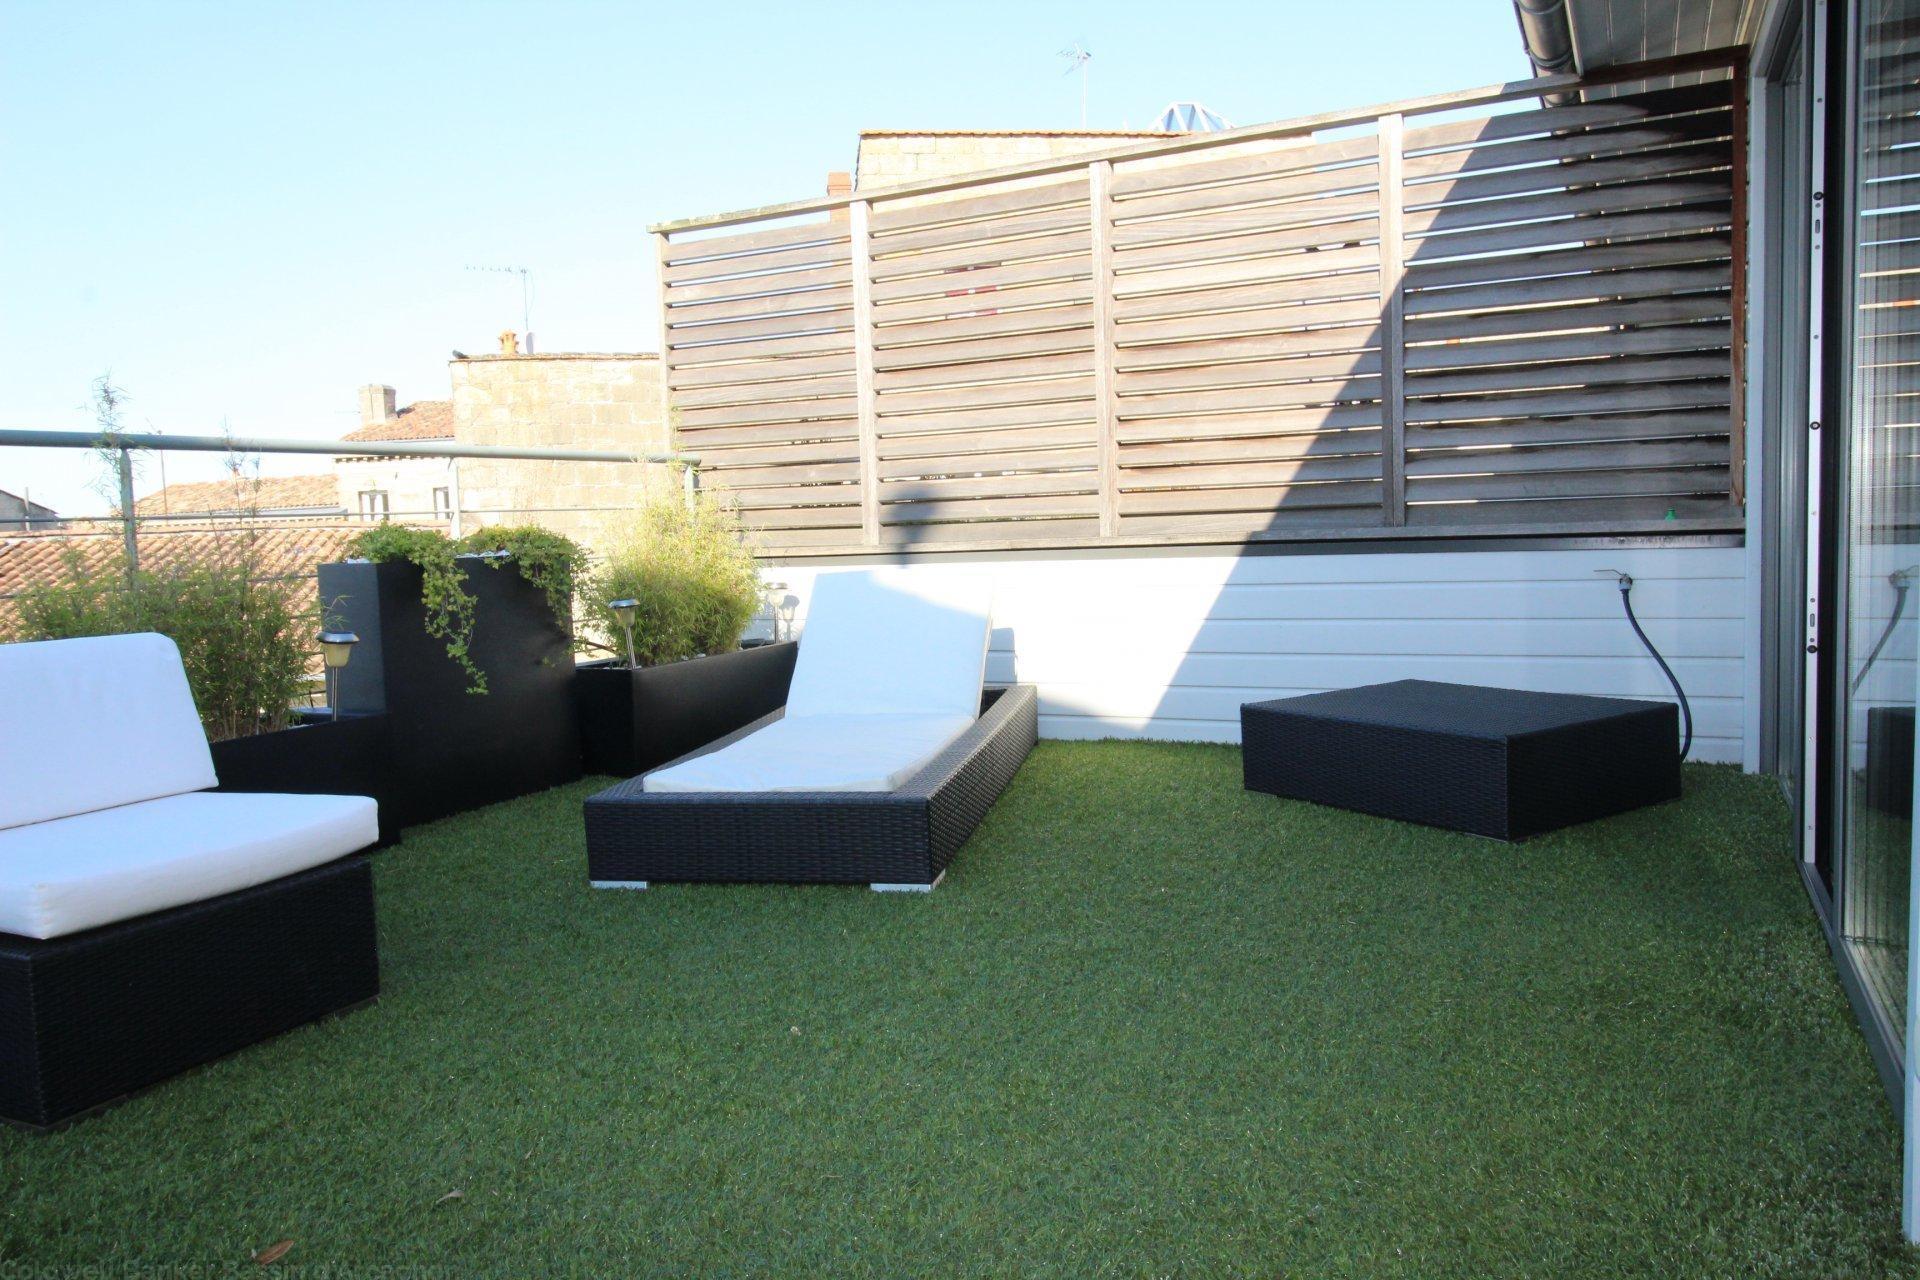 Vente maison villa bordeaux centre avec terrasses for Appartement bordeaux centre terrasse